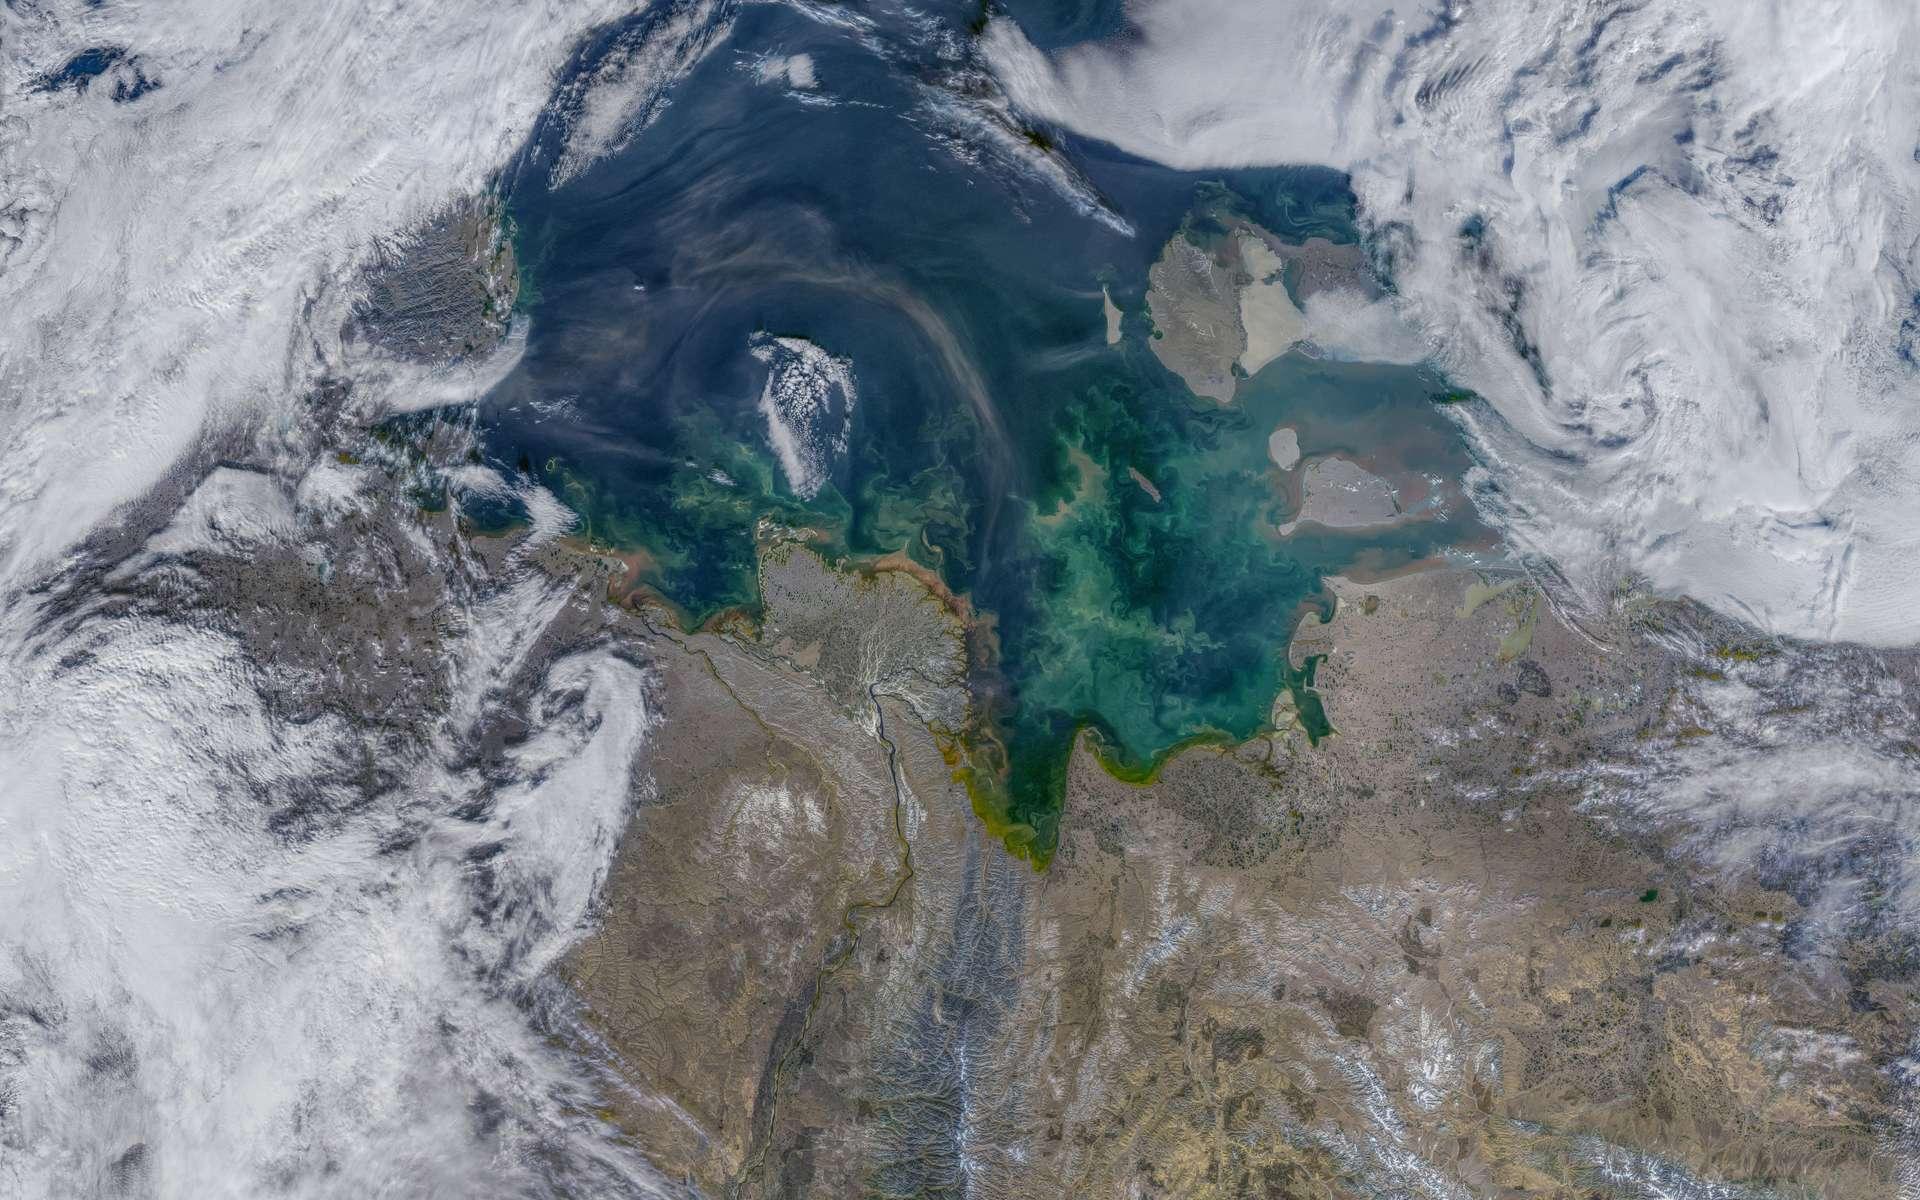 Une vue satellite de la mer de Laptev, en Sibérie. Cette région est connue pour être l'une des principales régions où se forme la glace de mer. © Nasa Earth Observatory